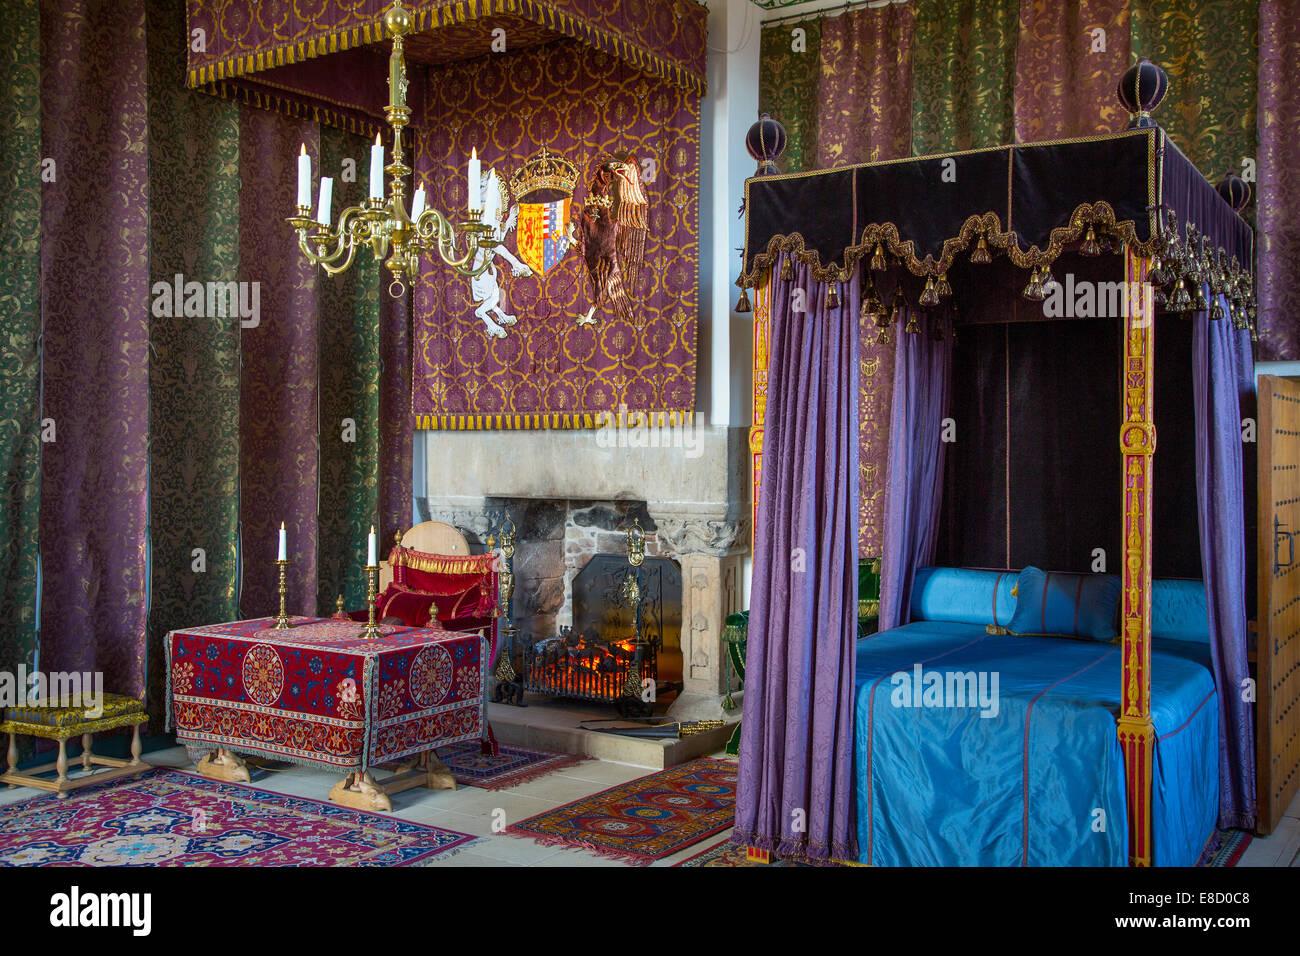 Queenu0027s Bedroom At Stirling Castle, Stirling, Scotland   Stock Image